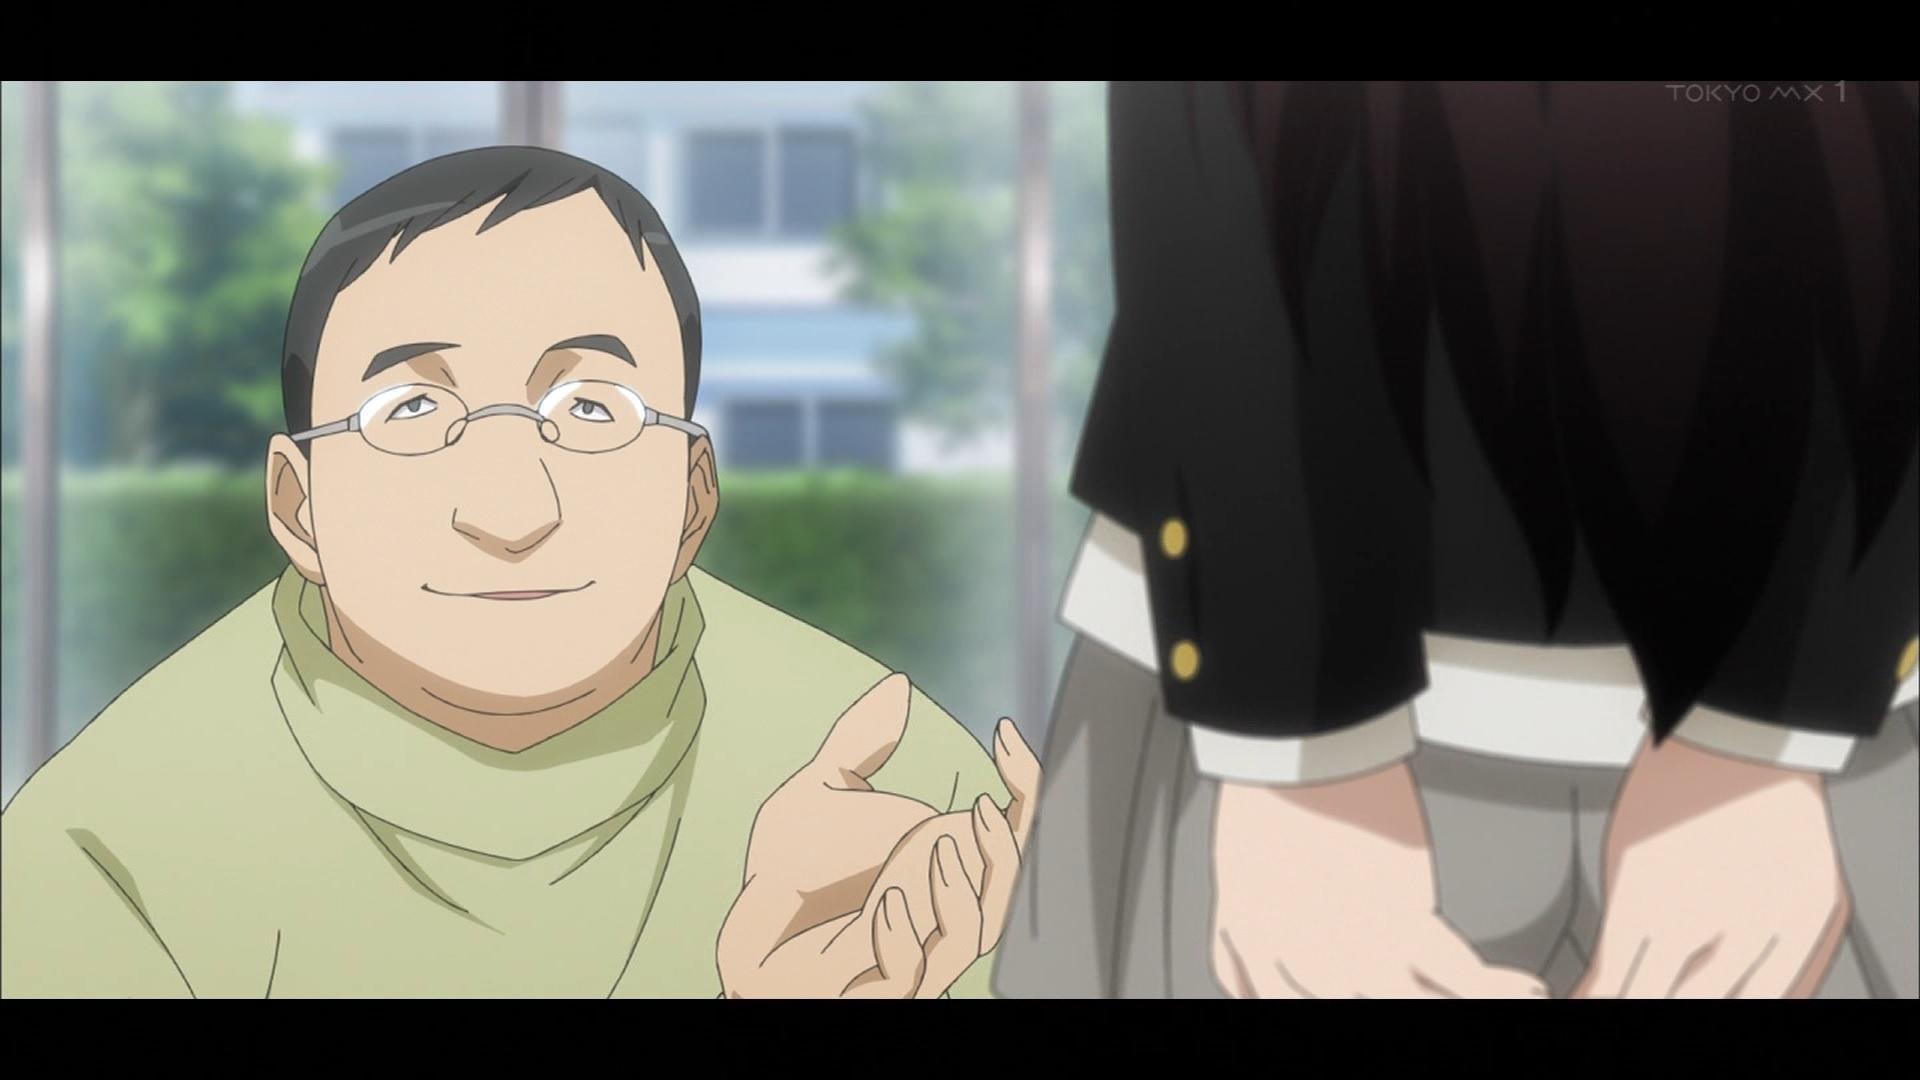 スカートをめくられる細波華乃(第7話画像)